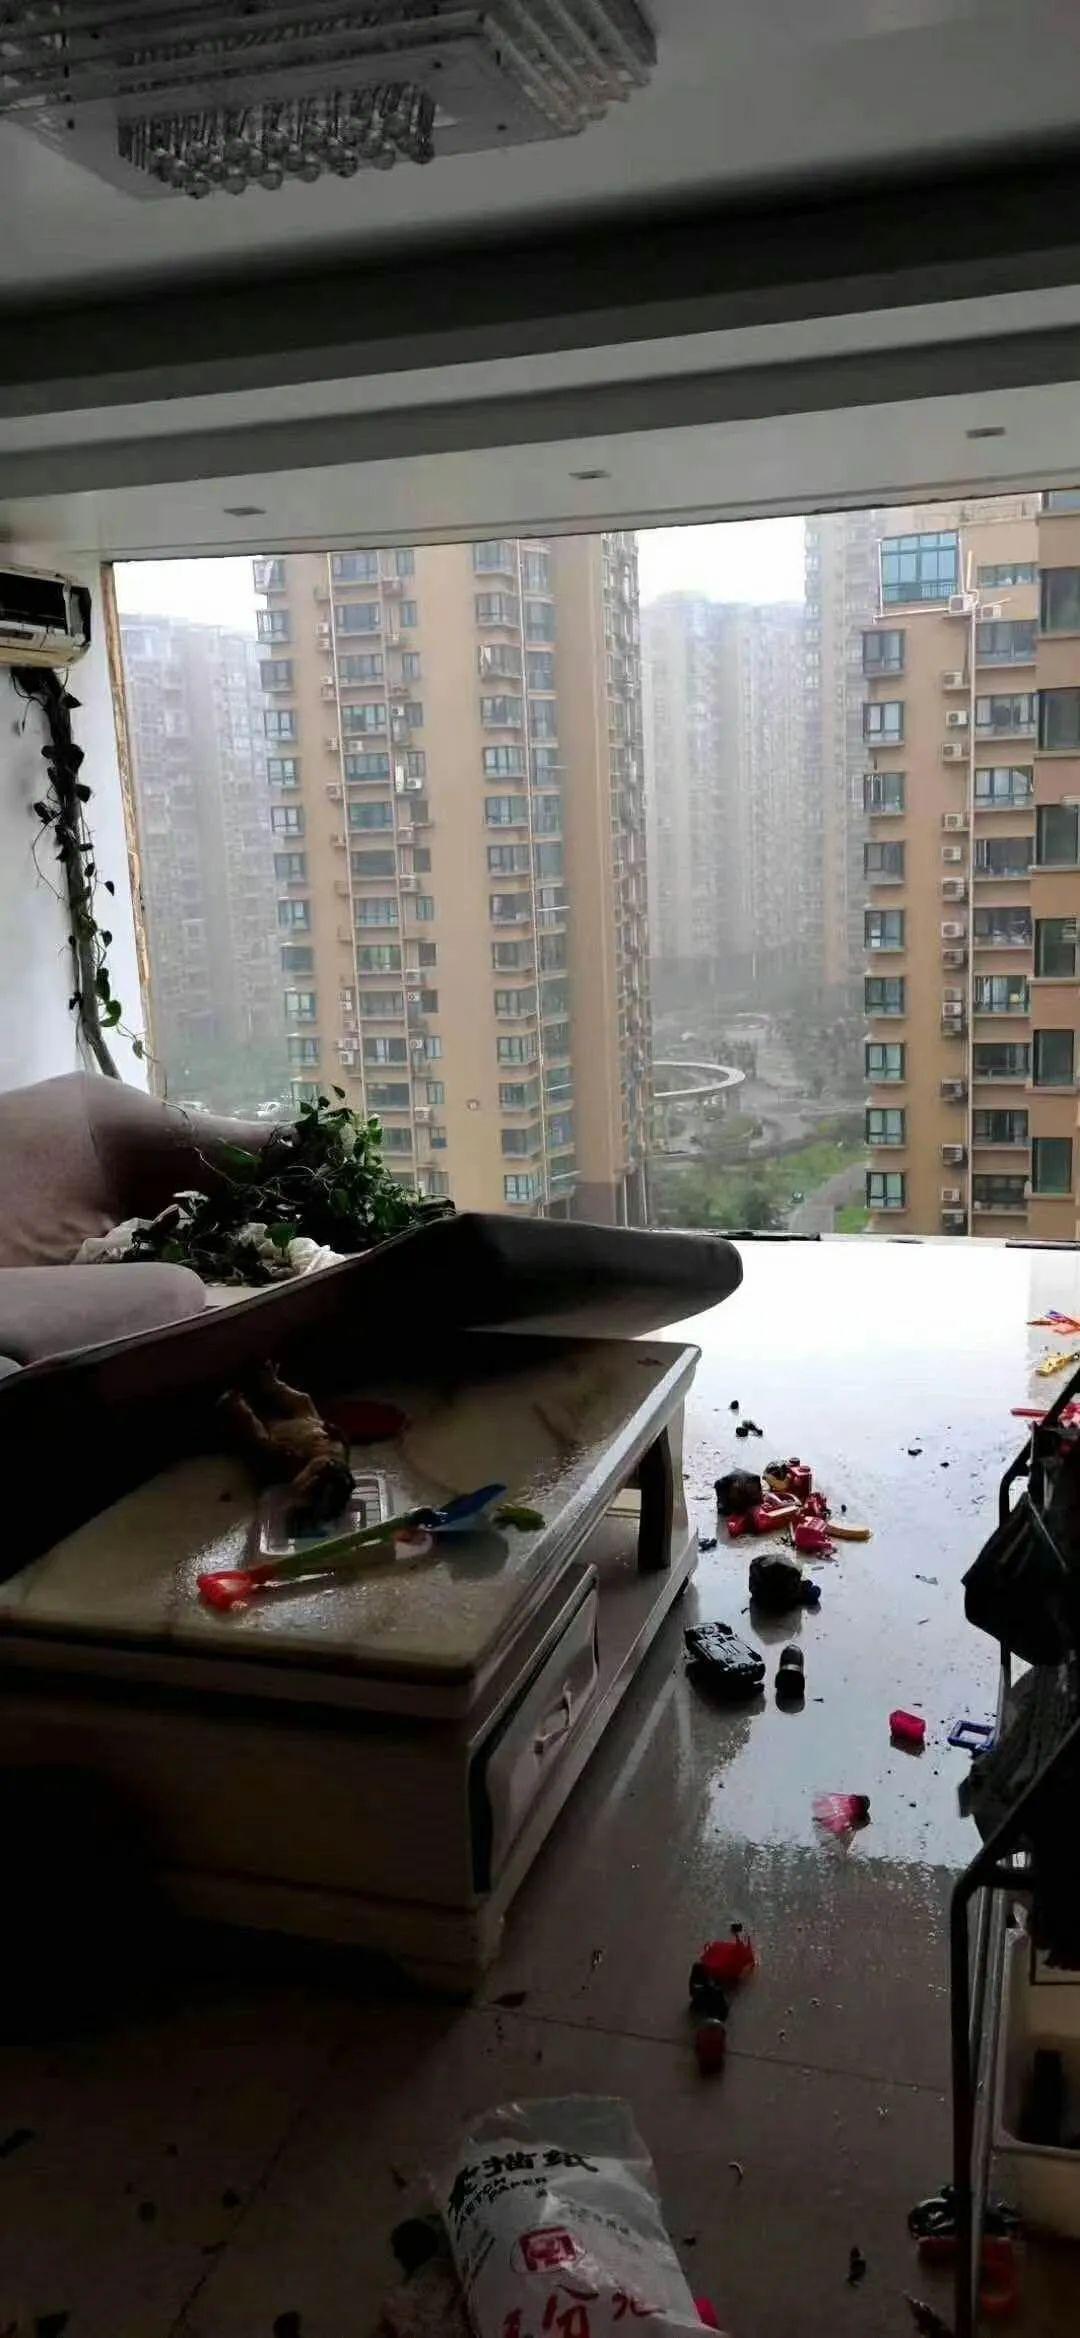 房屋窗户在台风季被吹碎是很正常的情况